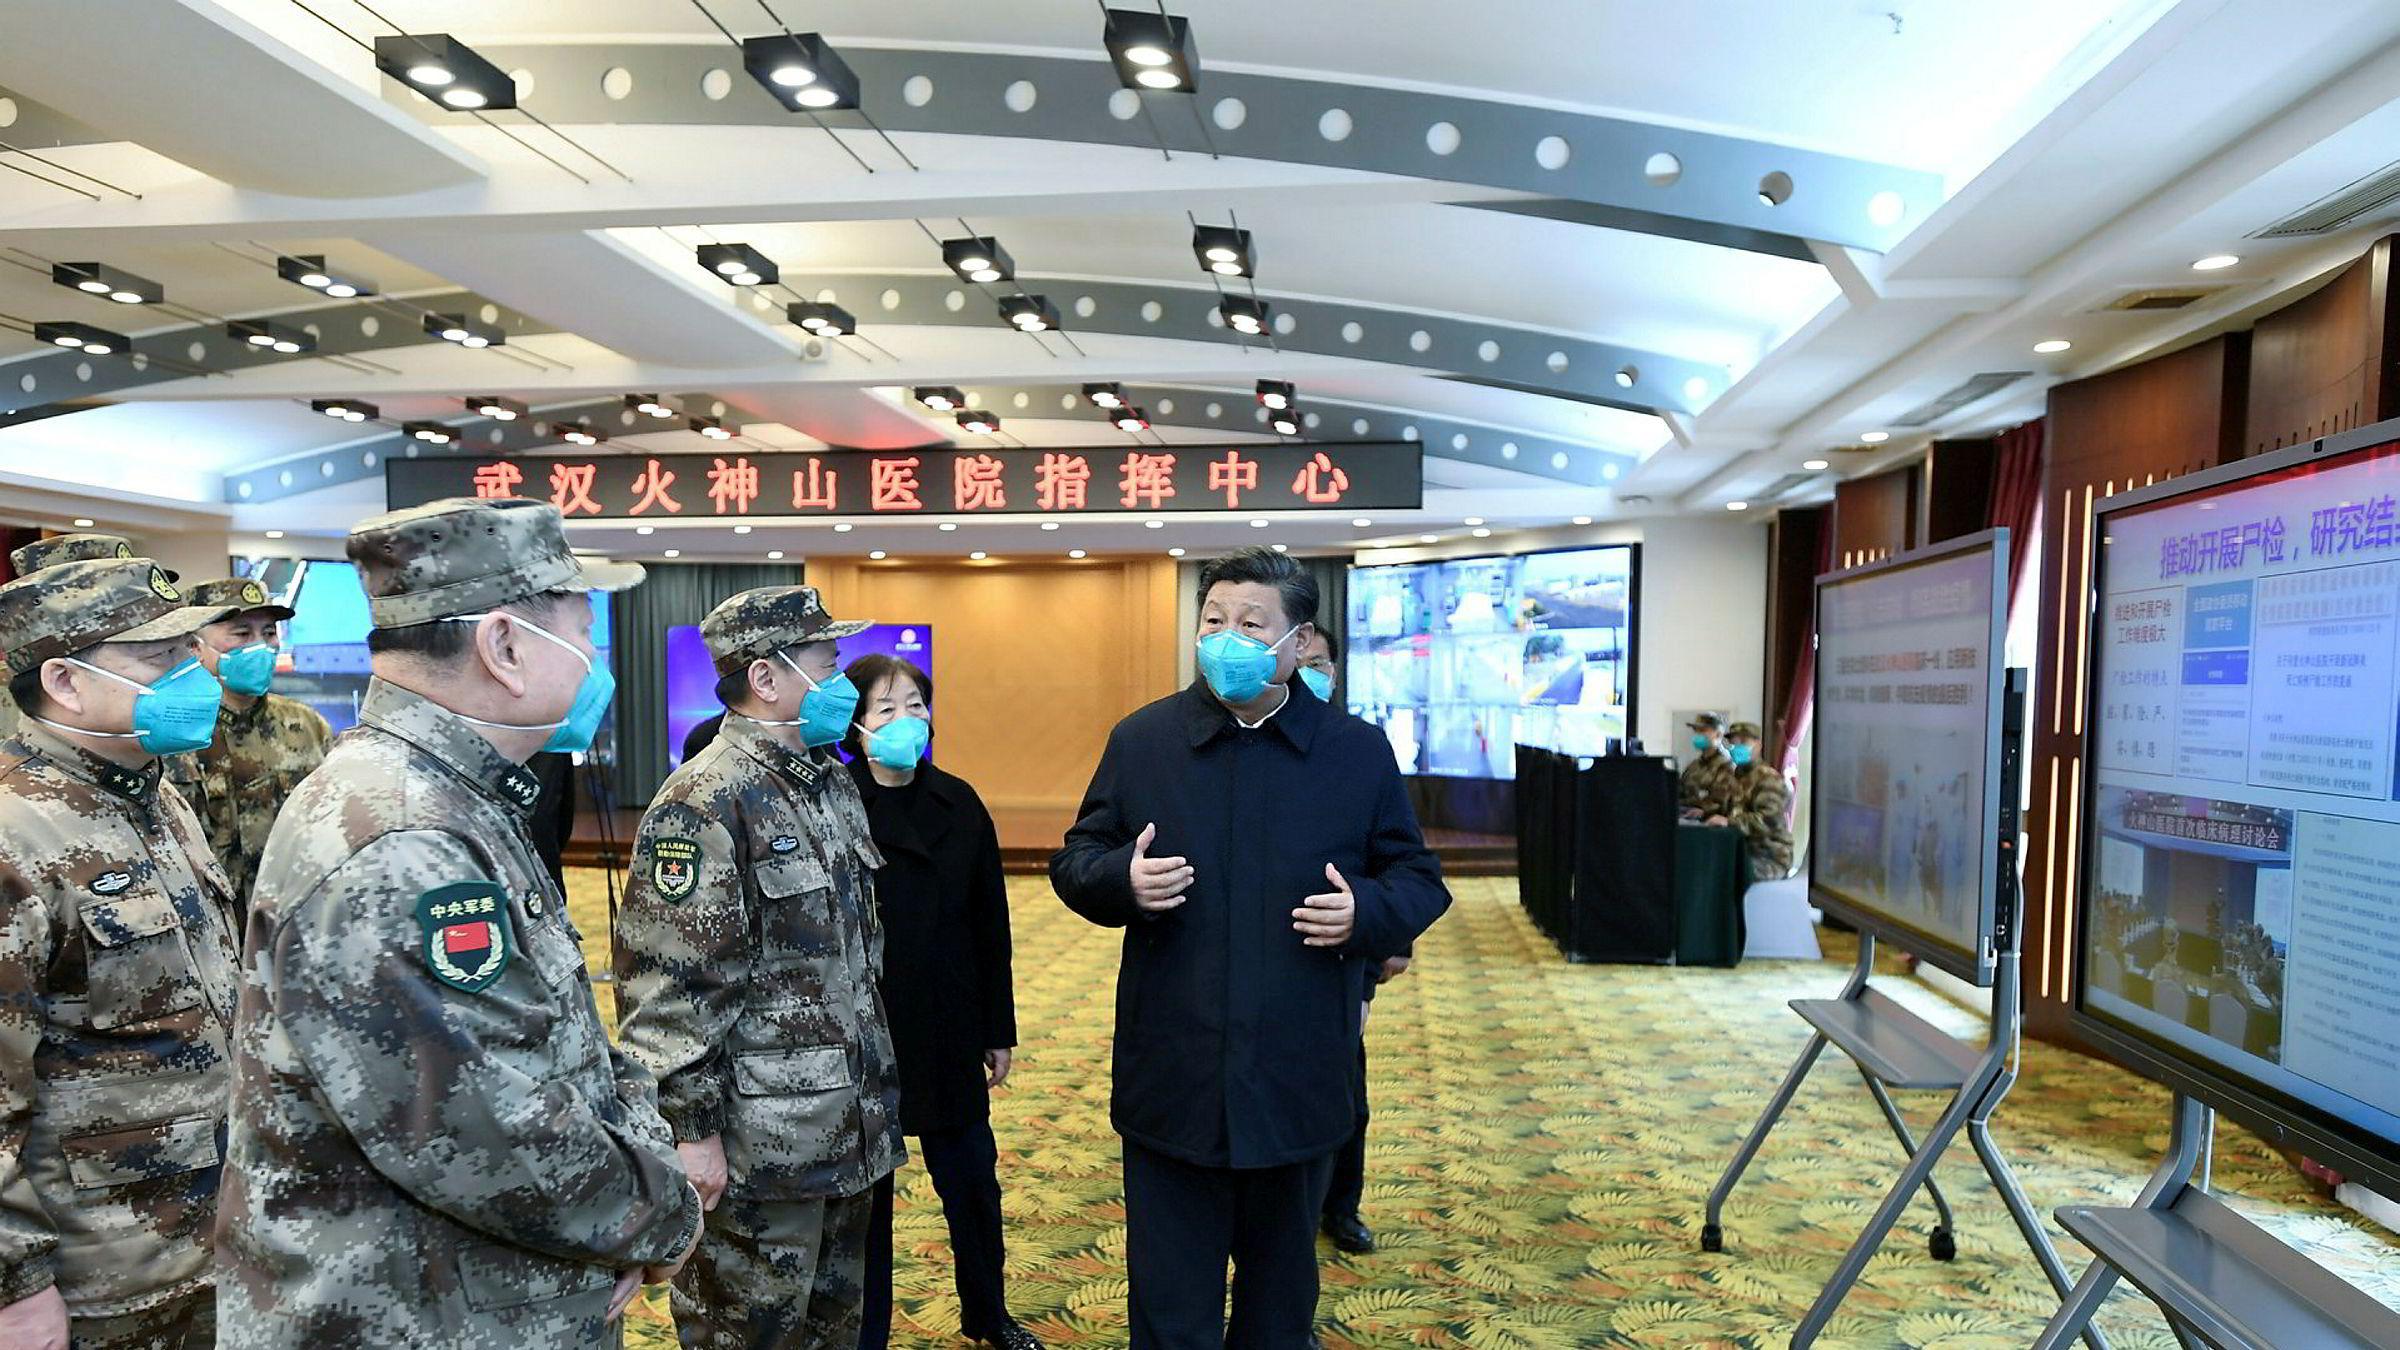 Kinas president Xi Jinping på besøk i Wuhan som ledd i en diplomatisk offensiv.